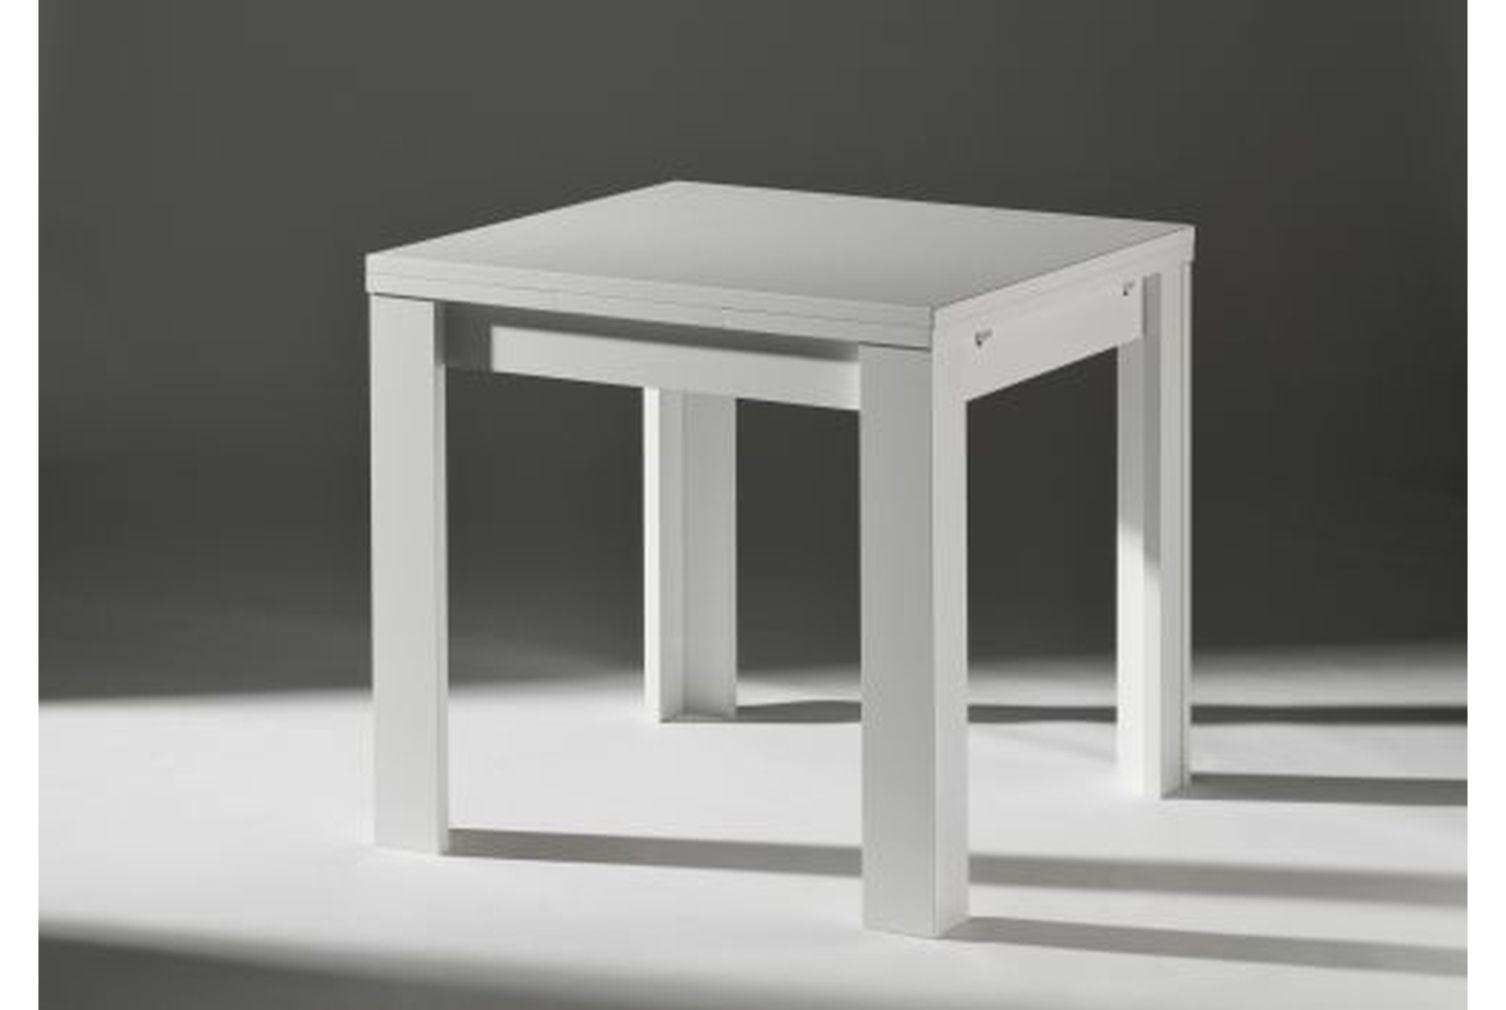 esstisch zip 80 weiss matt 0590 80 online kaufen. Black Bedroom Furniture Sets. Home Design Ideas